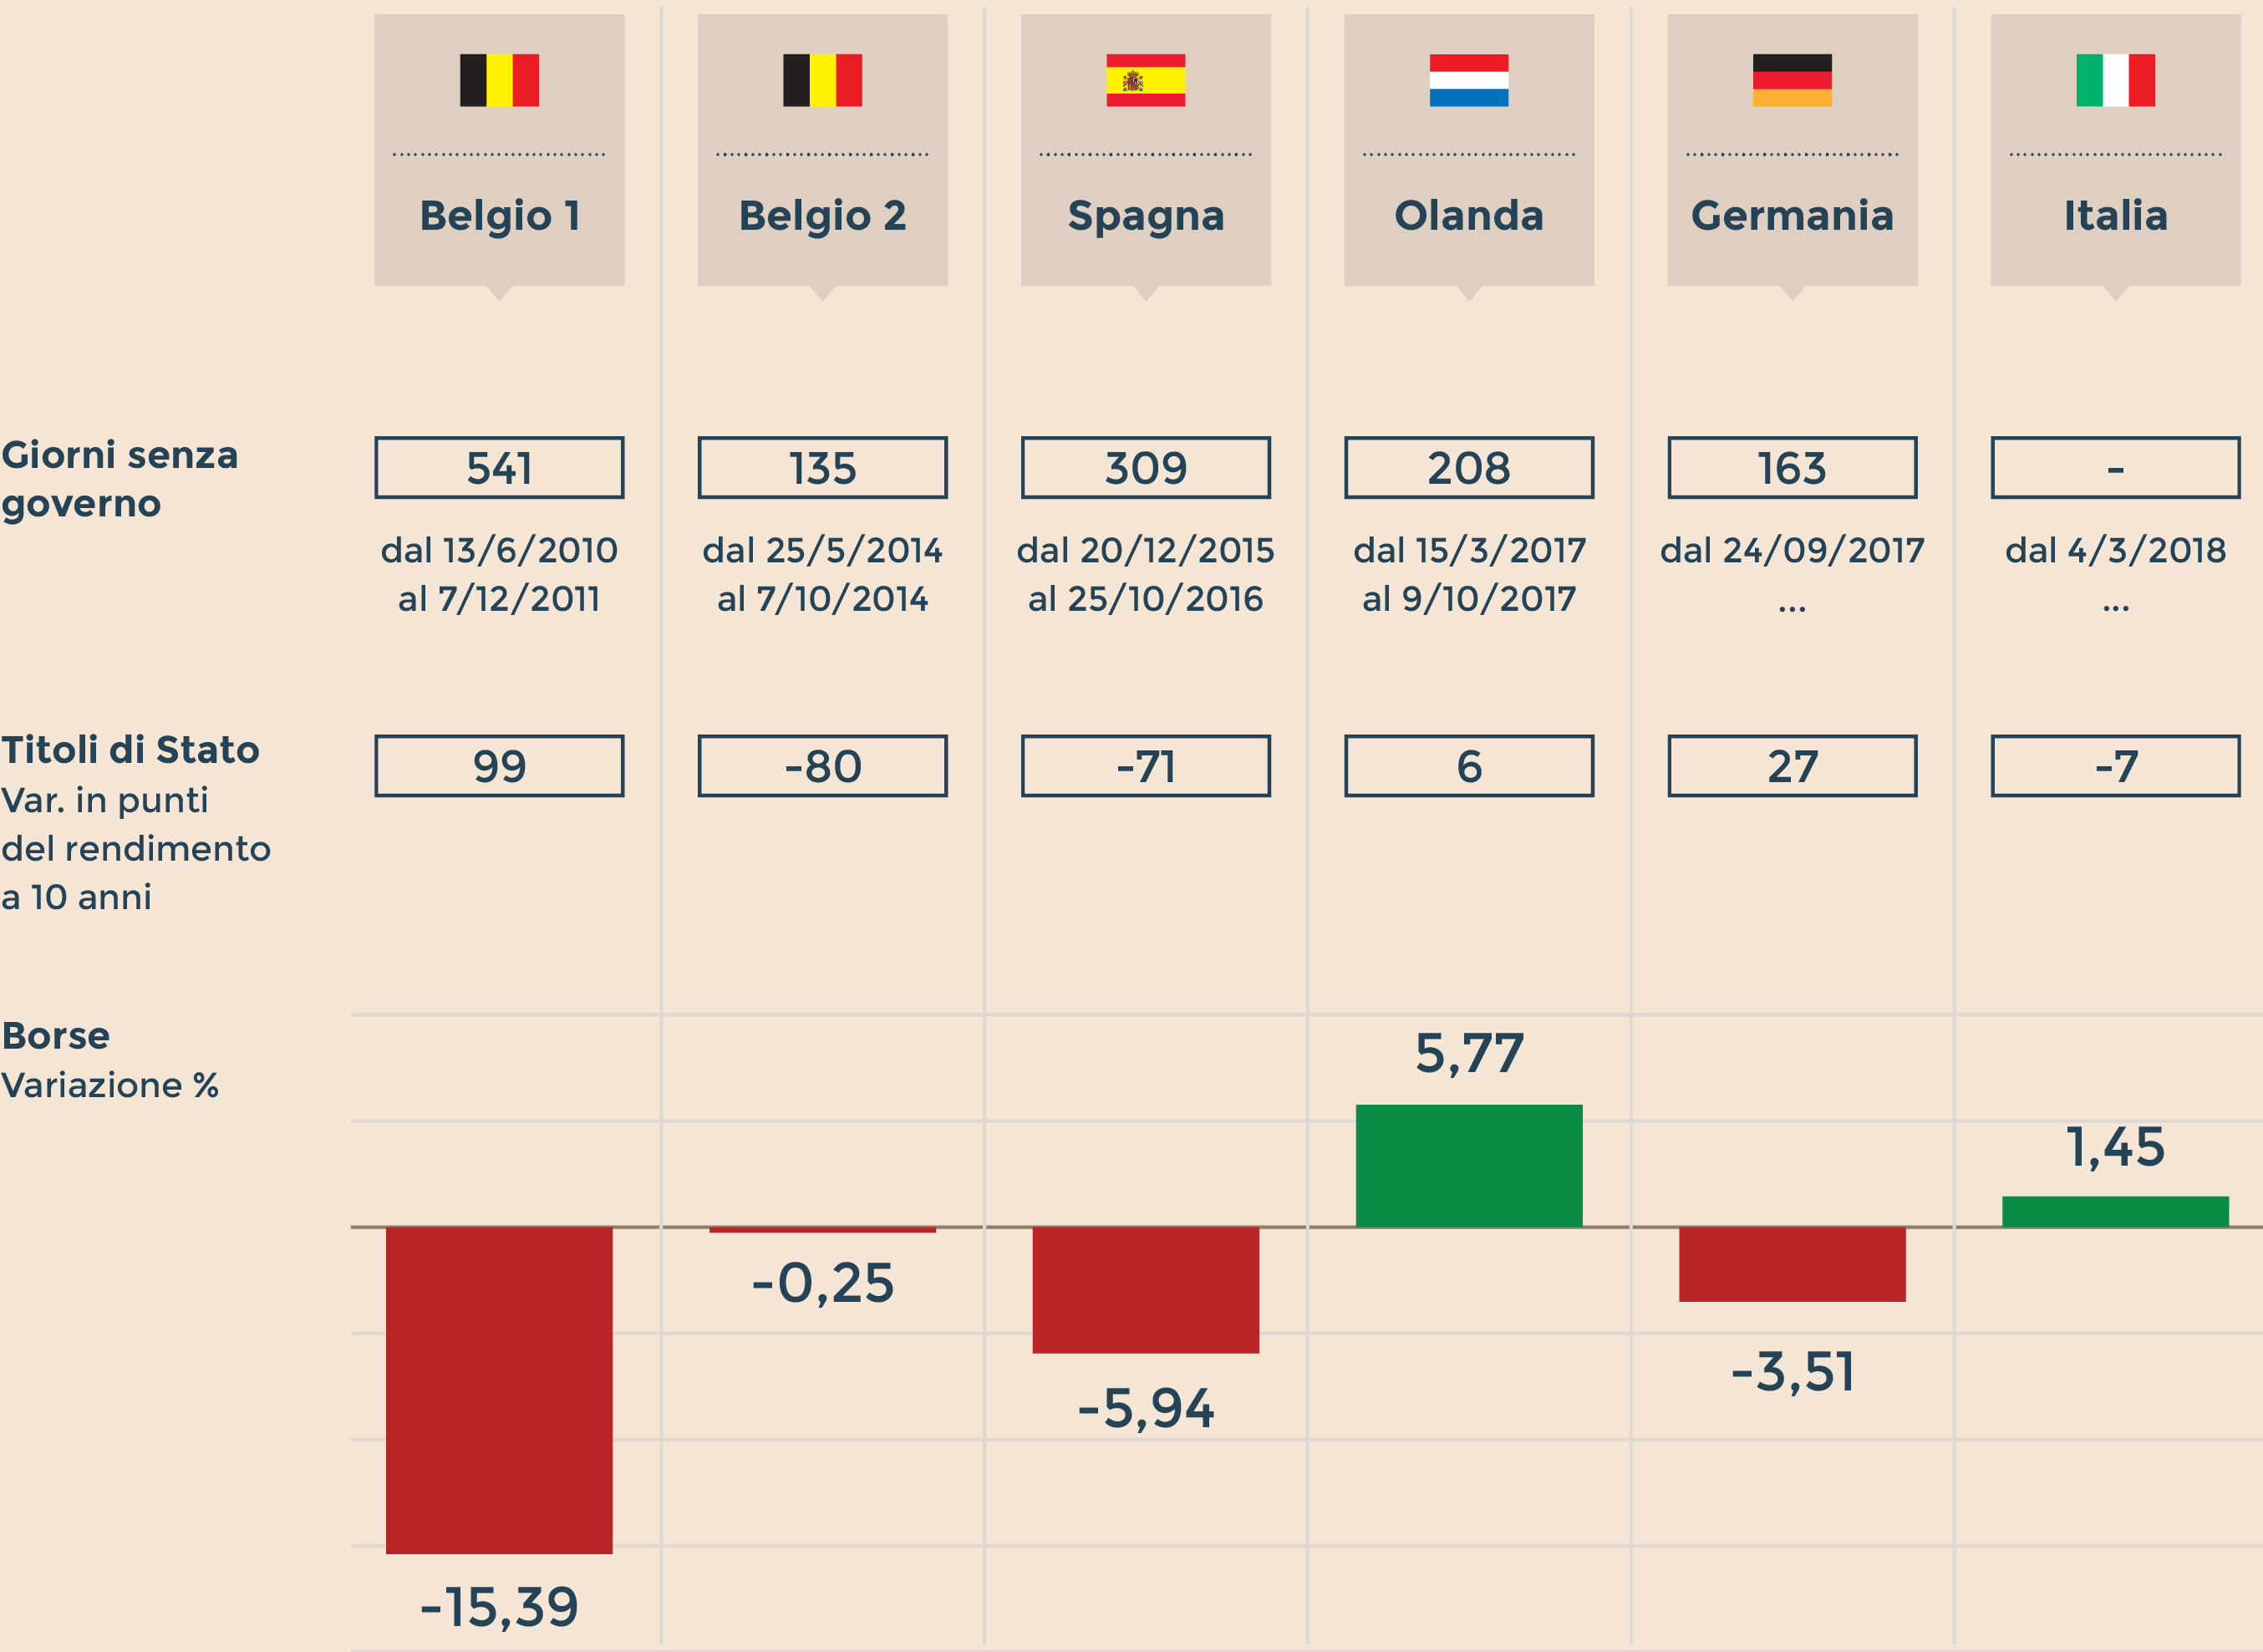 2aa9e4962a ANDAMENTO DI BORSE E BOND DURANTE I PERIODI DI ASSENZA DI GOVERNO I casi  più recenti nell'Eurozona. (Fonte: Ufficio Studi Il Sole 24 Ore)